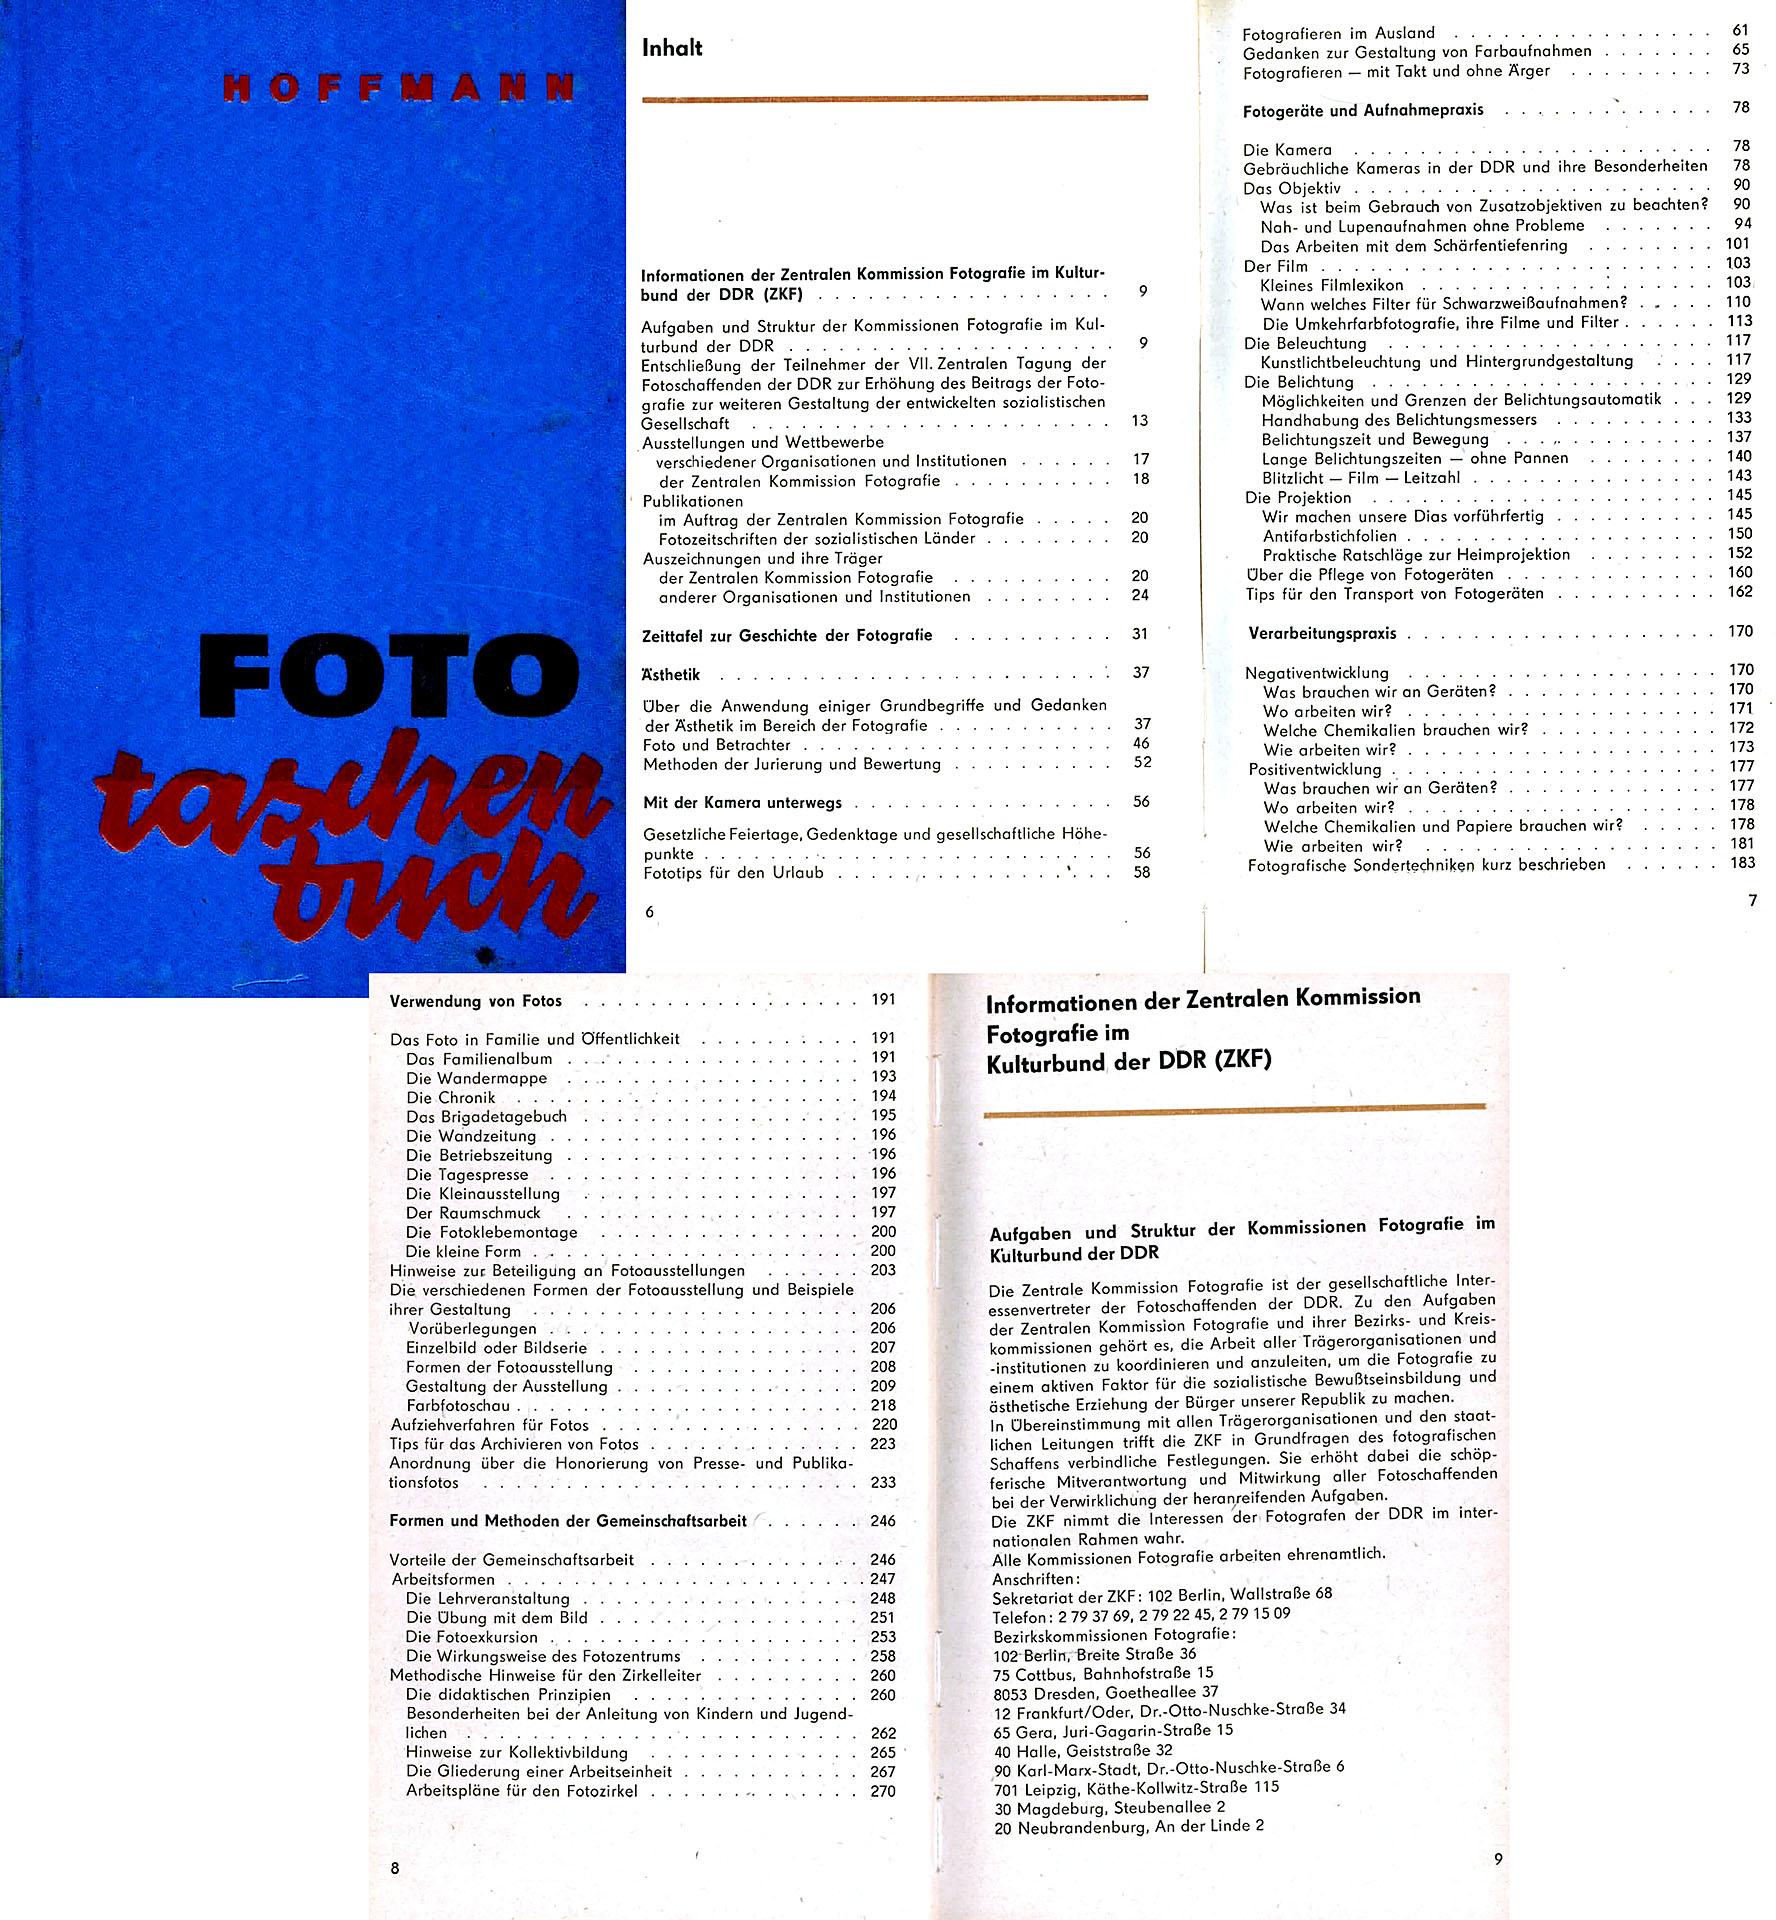 Fototaschenbuch - Autorenkollektiv